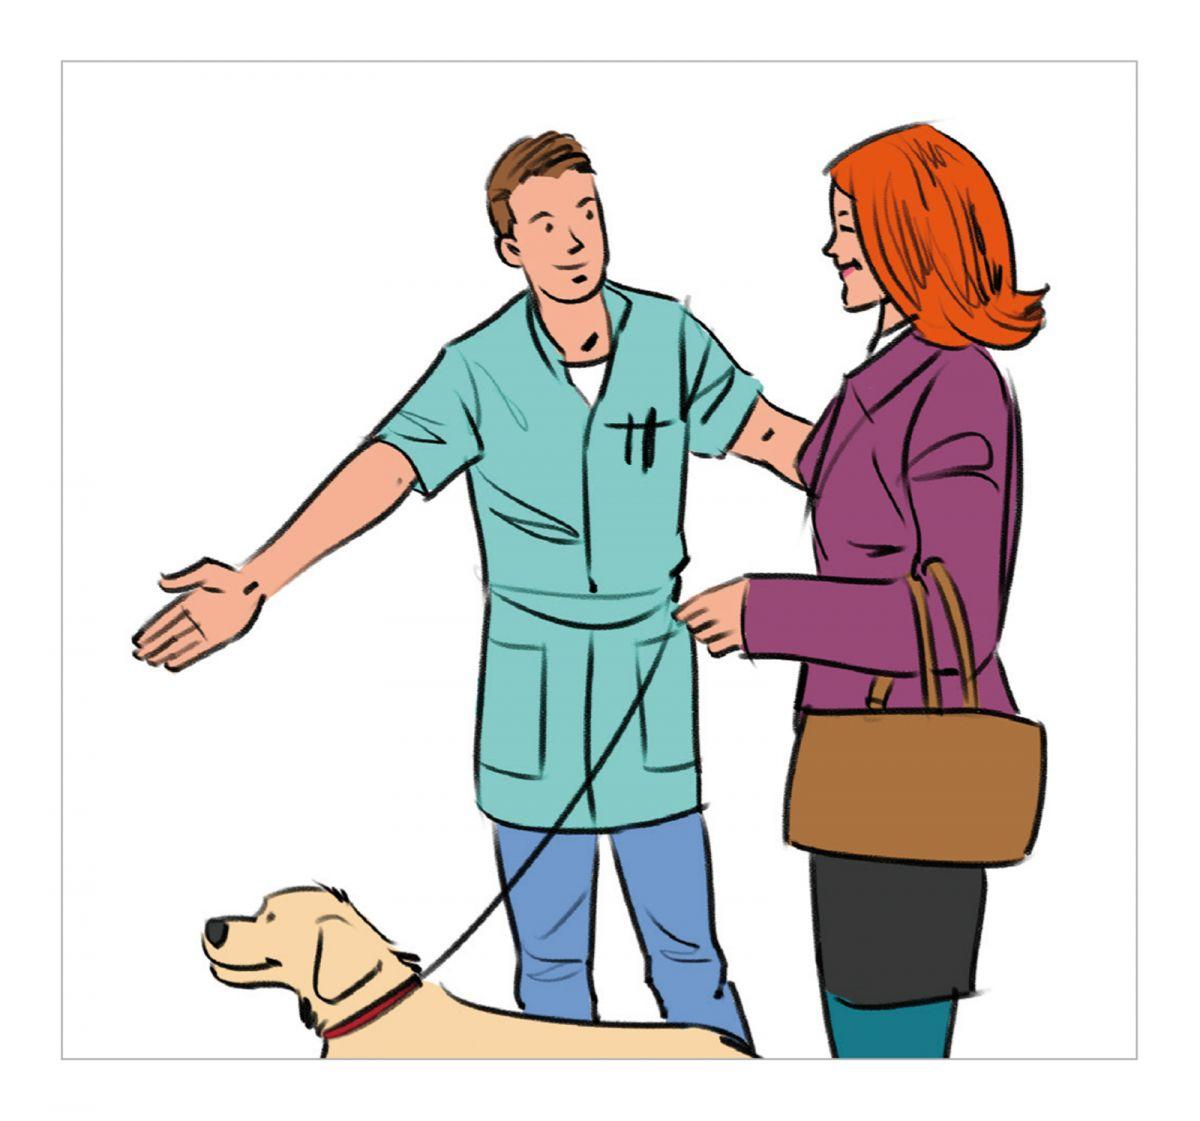 """I clienti vedono il veterinario come un leader su cui poter contare. Qualcuno che li accompagna nel """"percorso"""" attraverso gli esami, la diagnostica e la terapia, e li aiuta a prendere le giuste decisioni."""